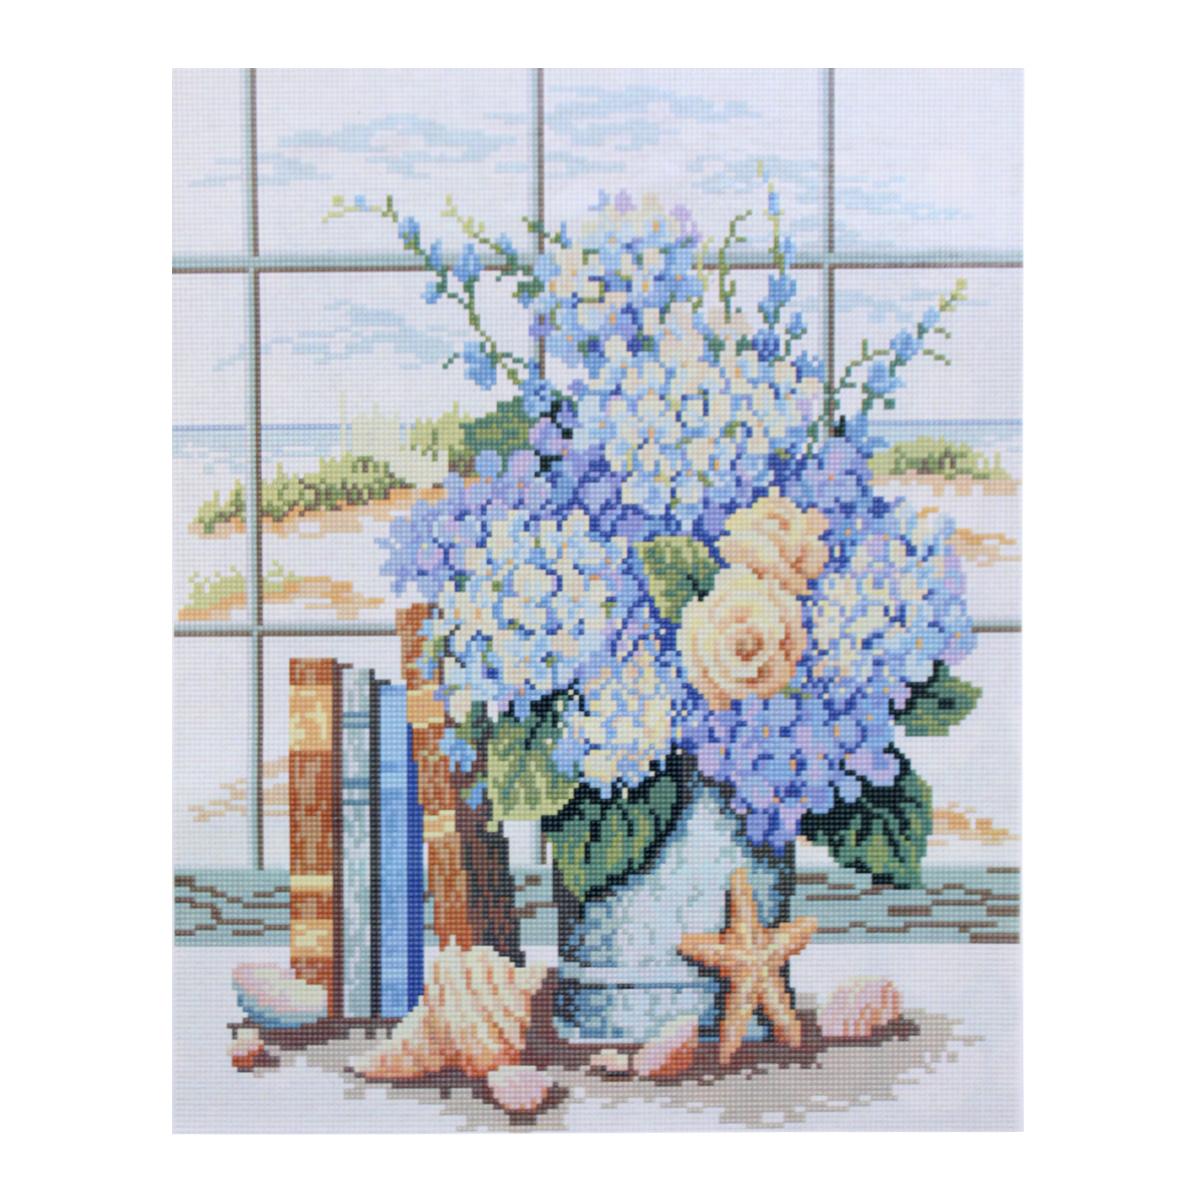 Алмазная мозаика Cristal, на деревянном подрамнике, 40 х 50 см. 77129877712987/GZ054Набор для творчества Cristal поможет вам создать свой личный шедевр - красивую картину, выполненную в мозаичной технике. Выложите прекрасную картину из множества маленьких цветных камушков. С помощью пинцета камушки размещаются на холсте, в результате проявляется рисунок. Постепенно заполняя ряд за рядом, вы создадите чудесное переливающееся изображение. Каждый камушек выполнен из прочного материала. Работа, выполненная своими руками, станет отличным подарком для друзей и близких! В набор входит: - Основа картины с нанесенной схемой на деревянной раме; - Ключи к схеме; - Комплект искусственных камней (32 цвета); - Желеобразный клей; - Пинцет; - Прозрачный клей; - Пластиковая ручка; - Пластмассовый лоток для камней; - Металлические крепления для готовой работы. Диаметр камушка: 2,5 мм. Размер готового изделия: 40 х 50 см.